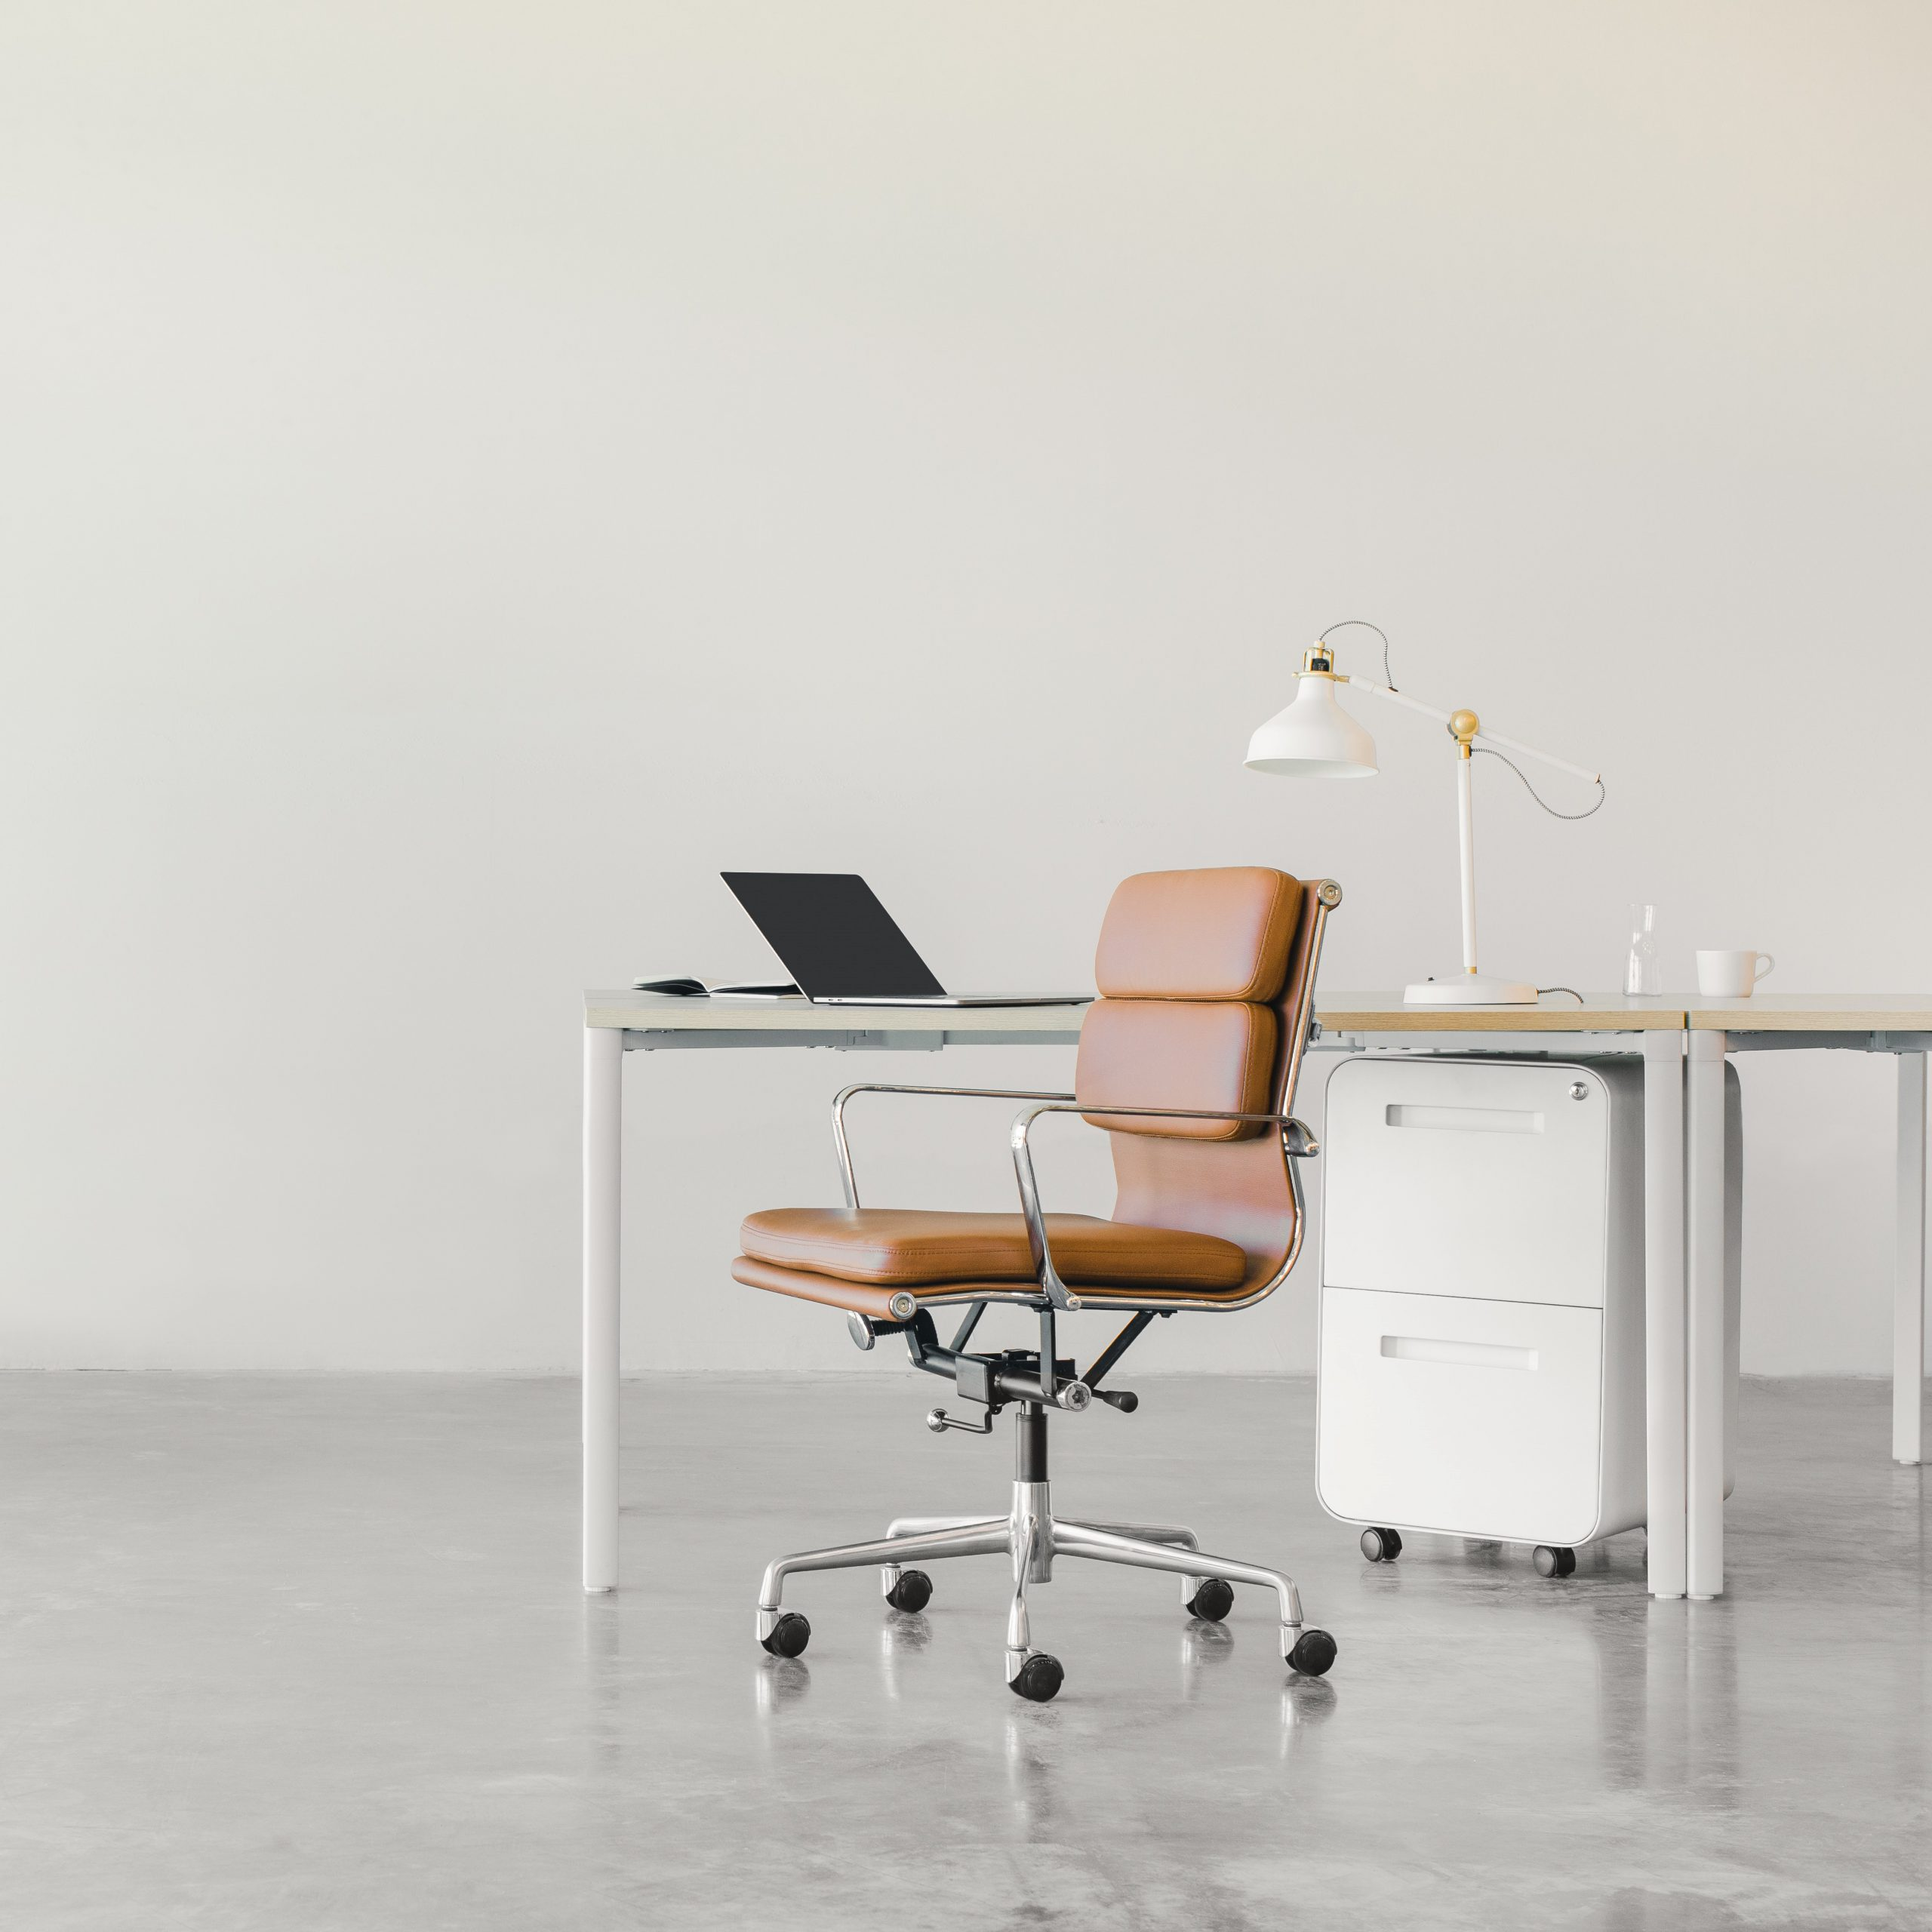 Durch angemietetes Arbeitszimmer Steuern sparen